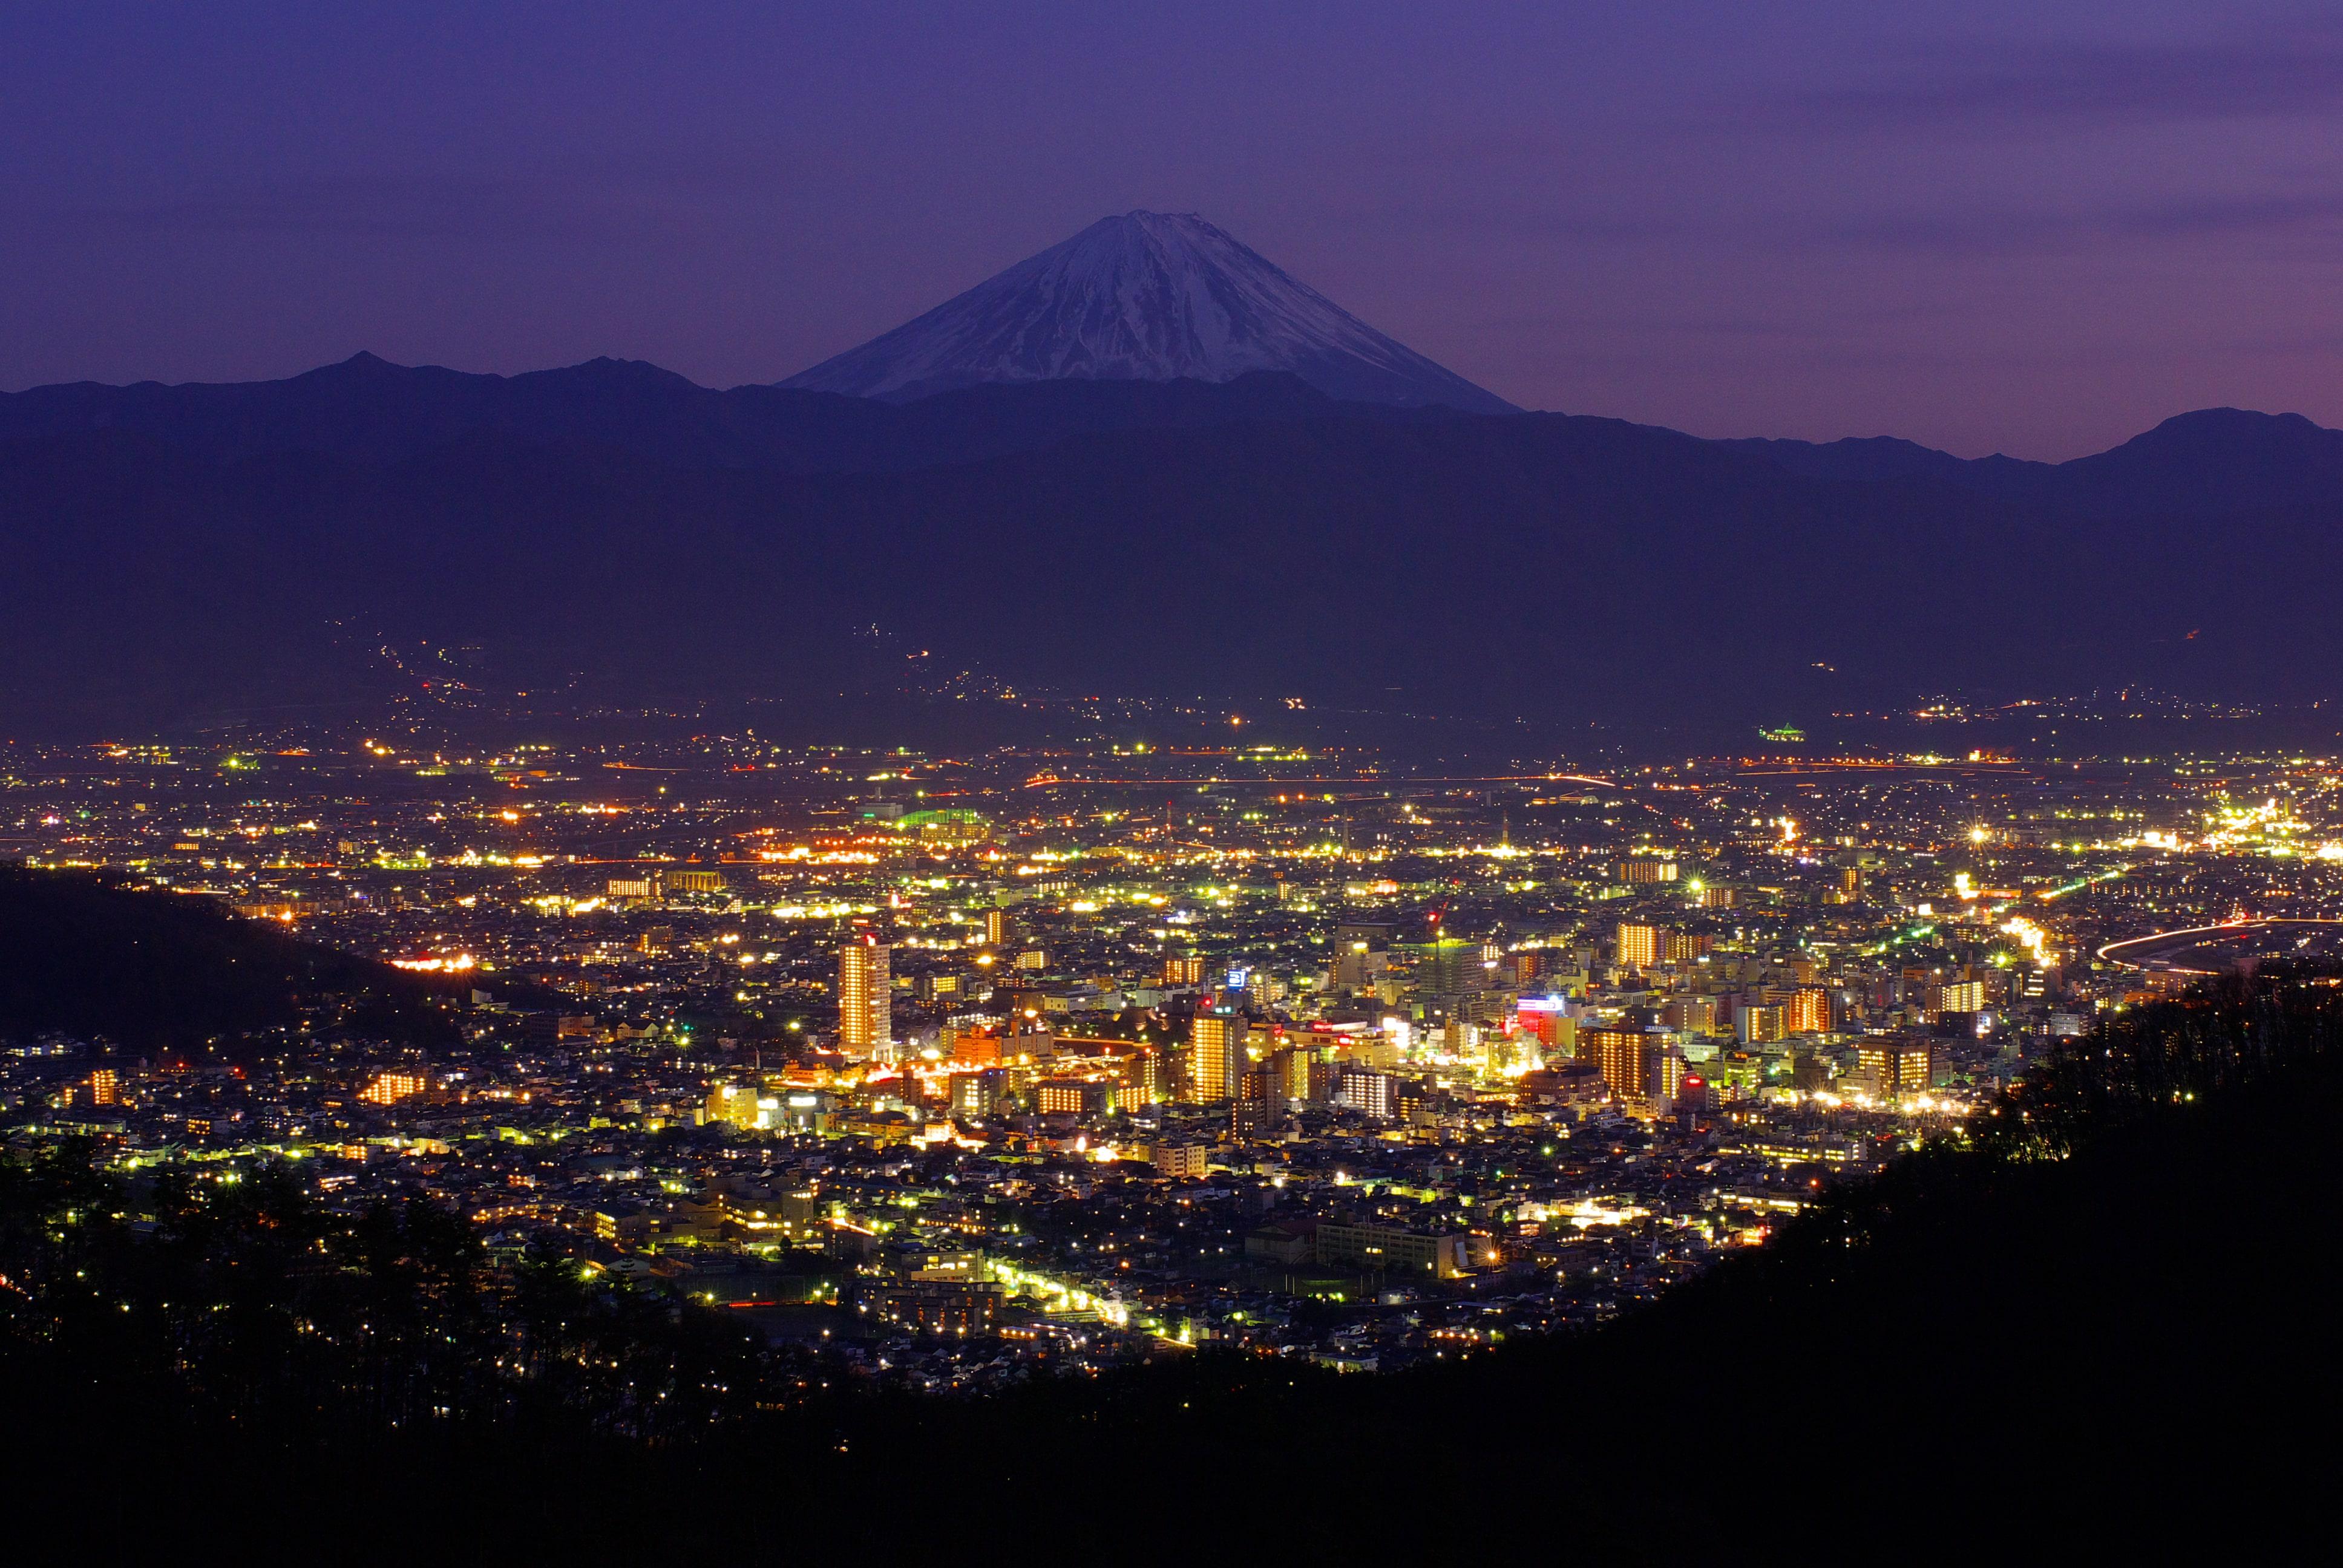 Kofu in Japan